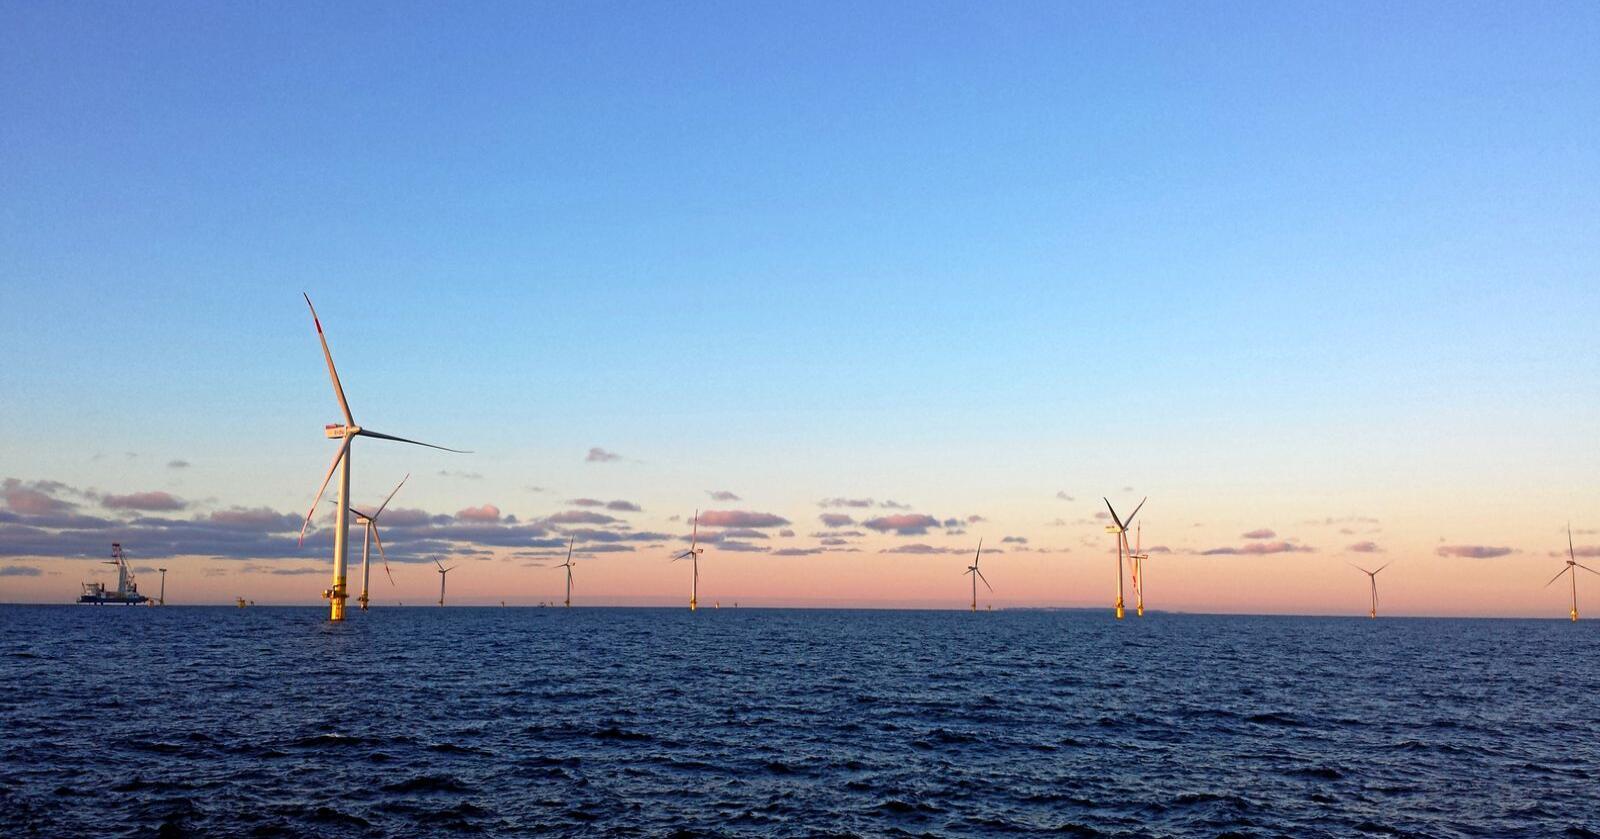 Fisk nedi kavet: Bankene utenfor norskekysten har biomangfold og næring allerede, påpeker innsenderen. Foto: Mostphotos